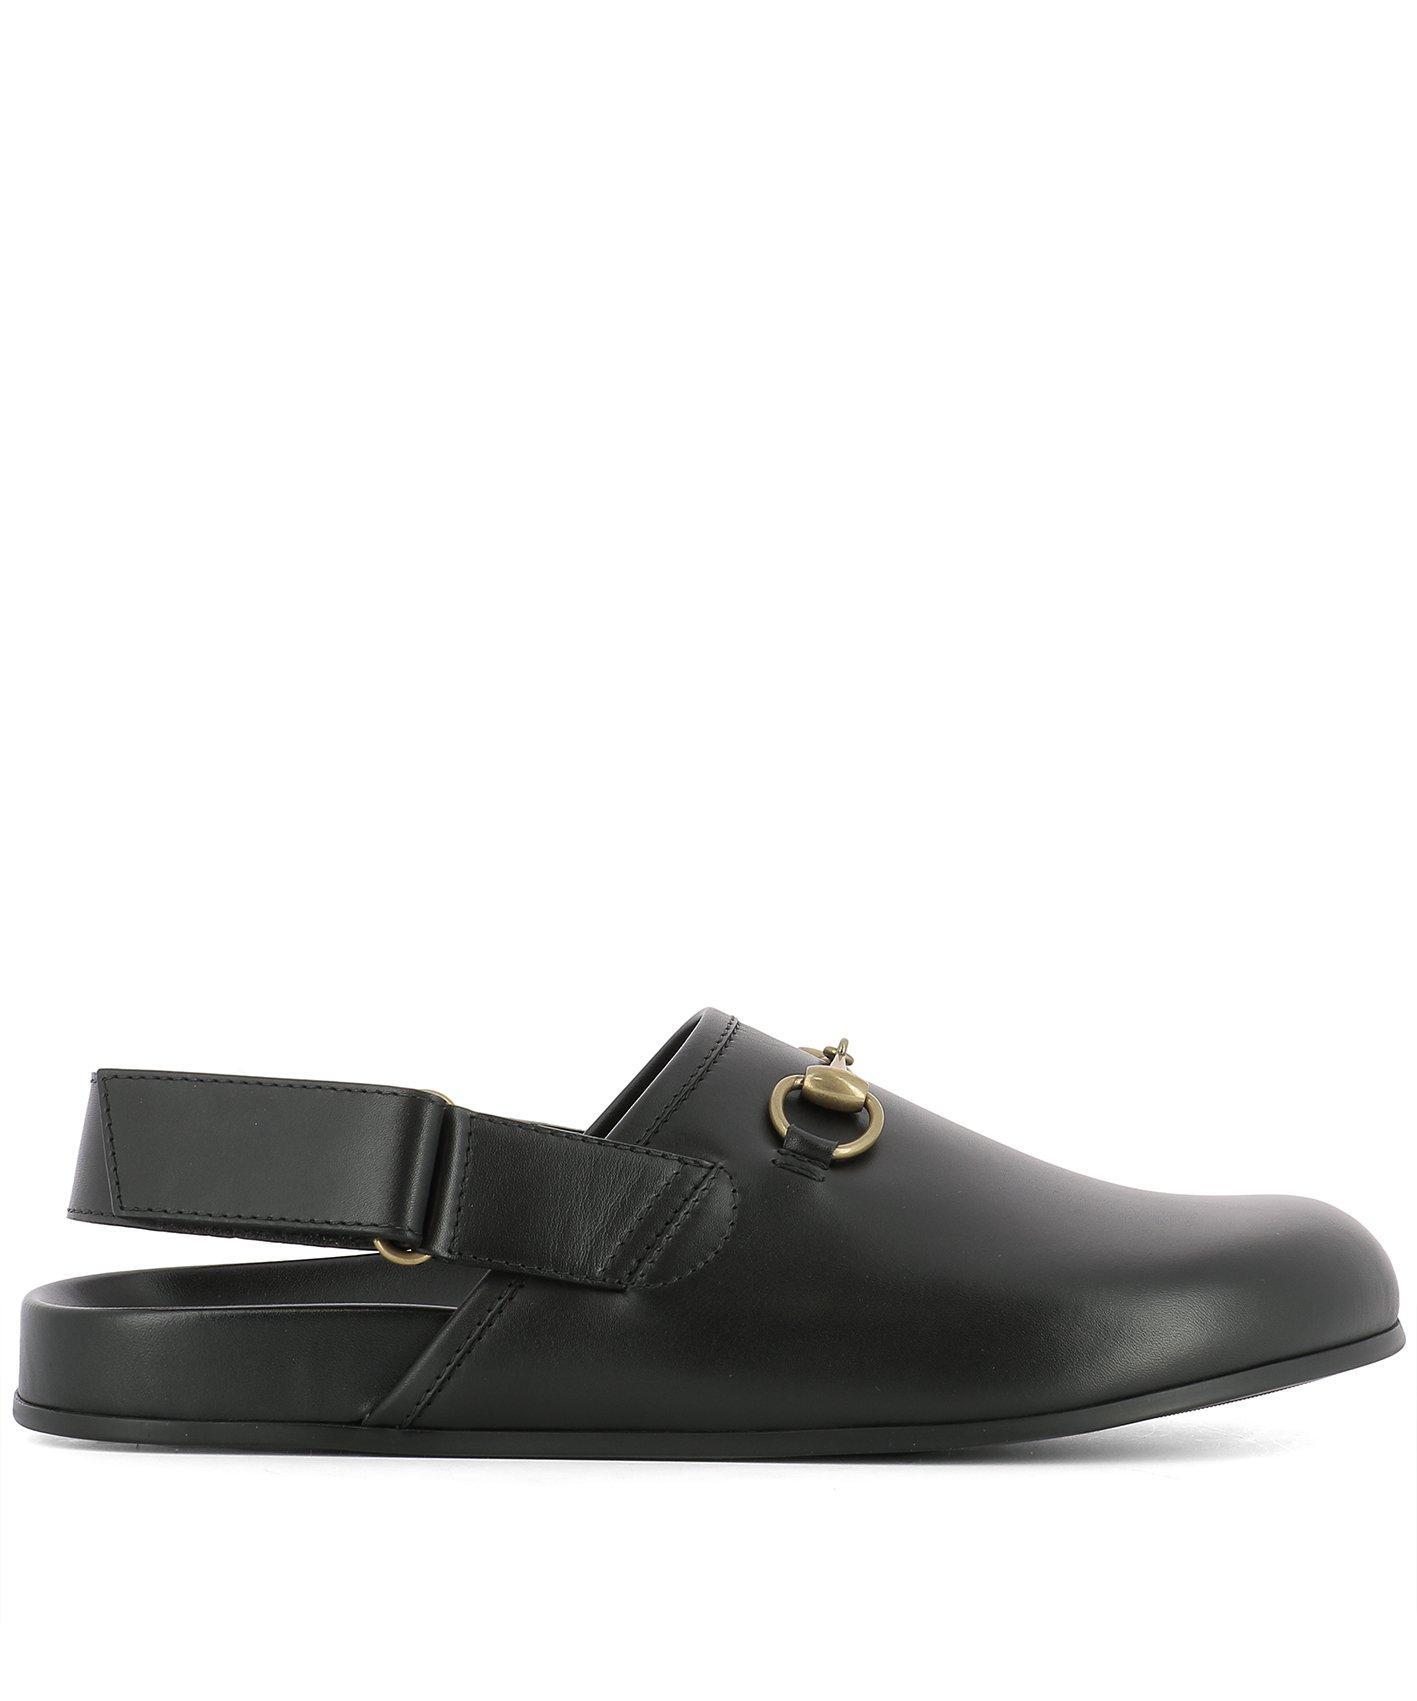 62c4bfa51418 Gucci River Horsebit Leather Slipper In Black